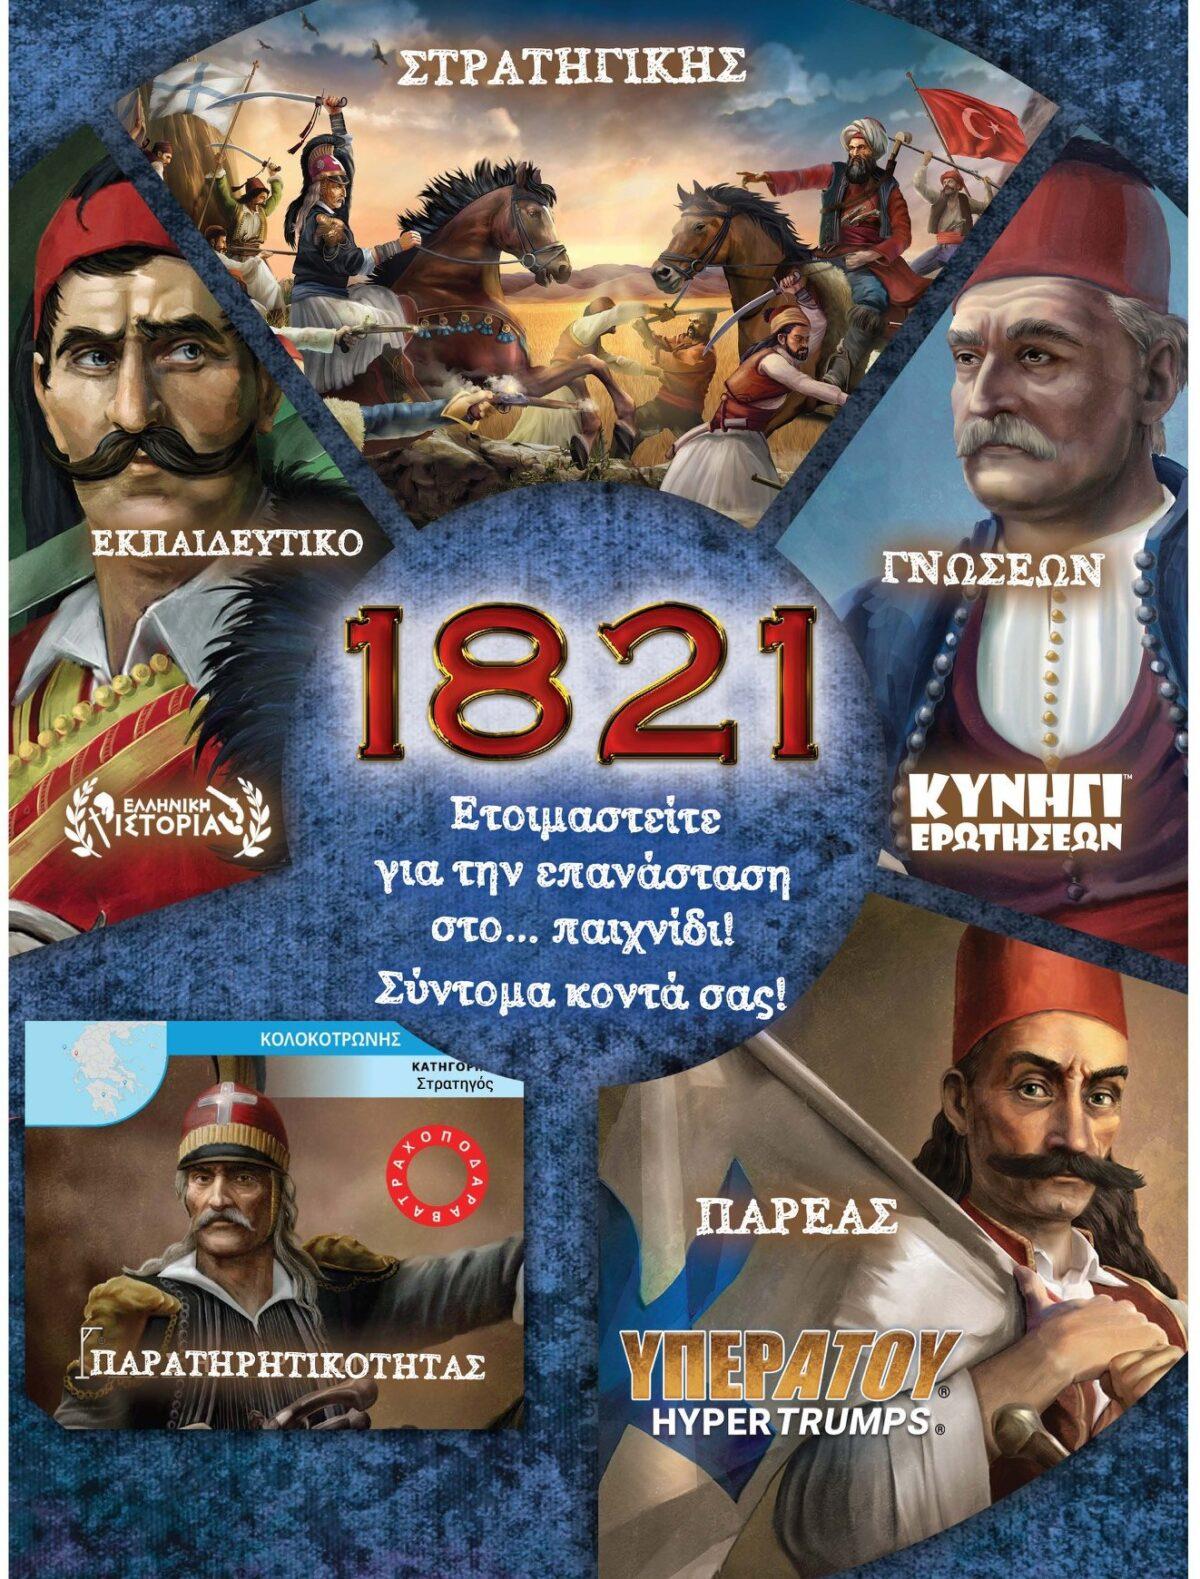 Desyllas Games: Επετειακά επιτραπέζια παιχνίδια για το 1821 με την αιγίδα του Πολεμικού Μουσείου